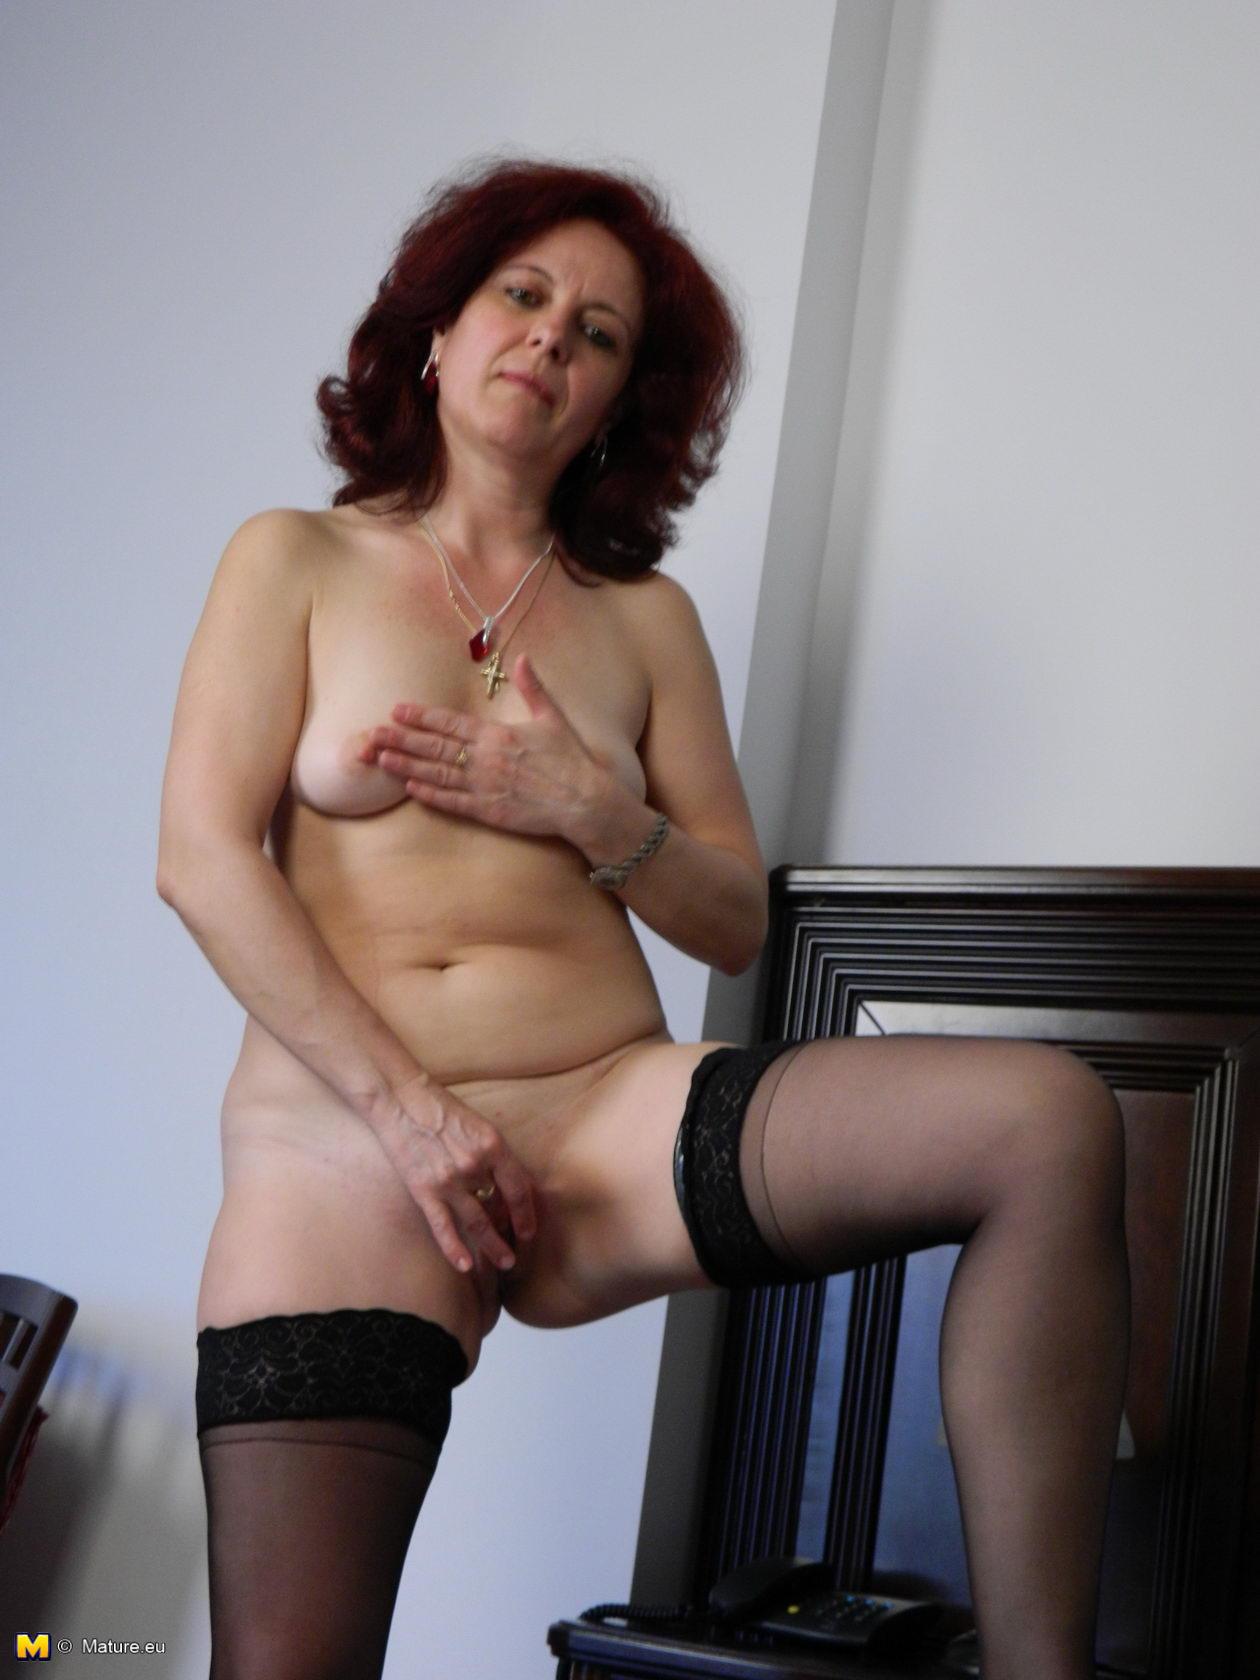 nude village woman masterbating